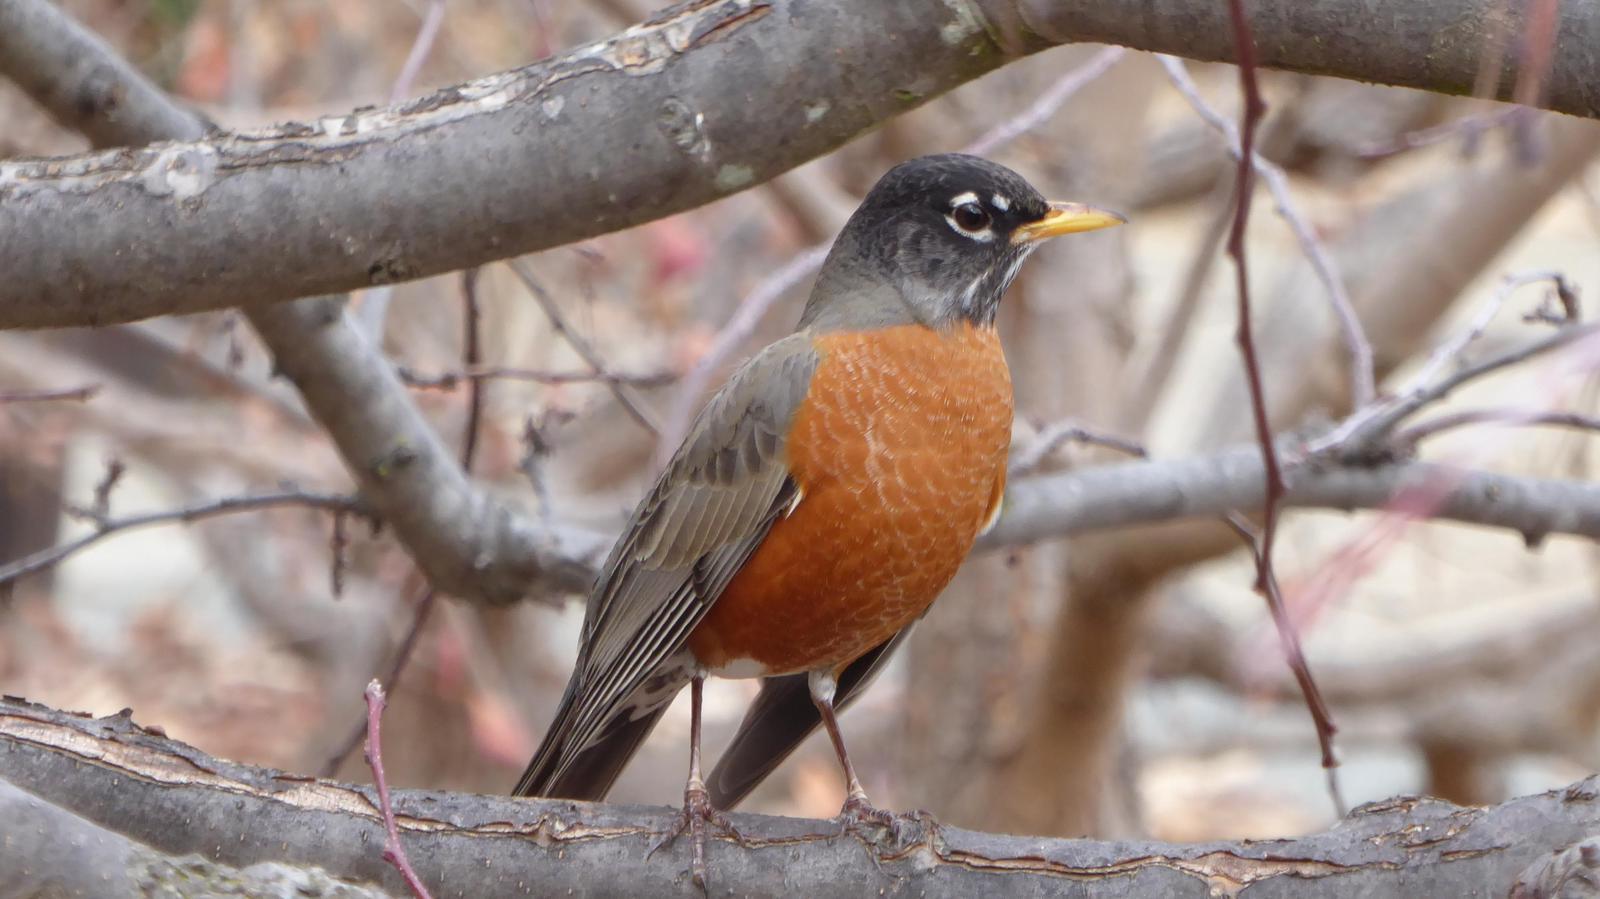 American Robin (Western) Photo by Daliel Leite